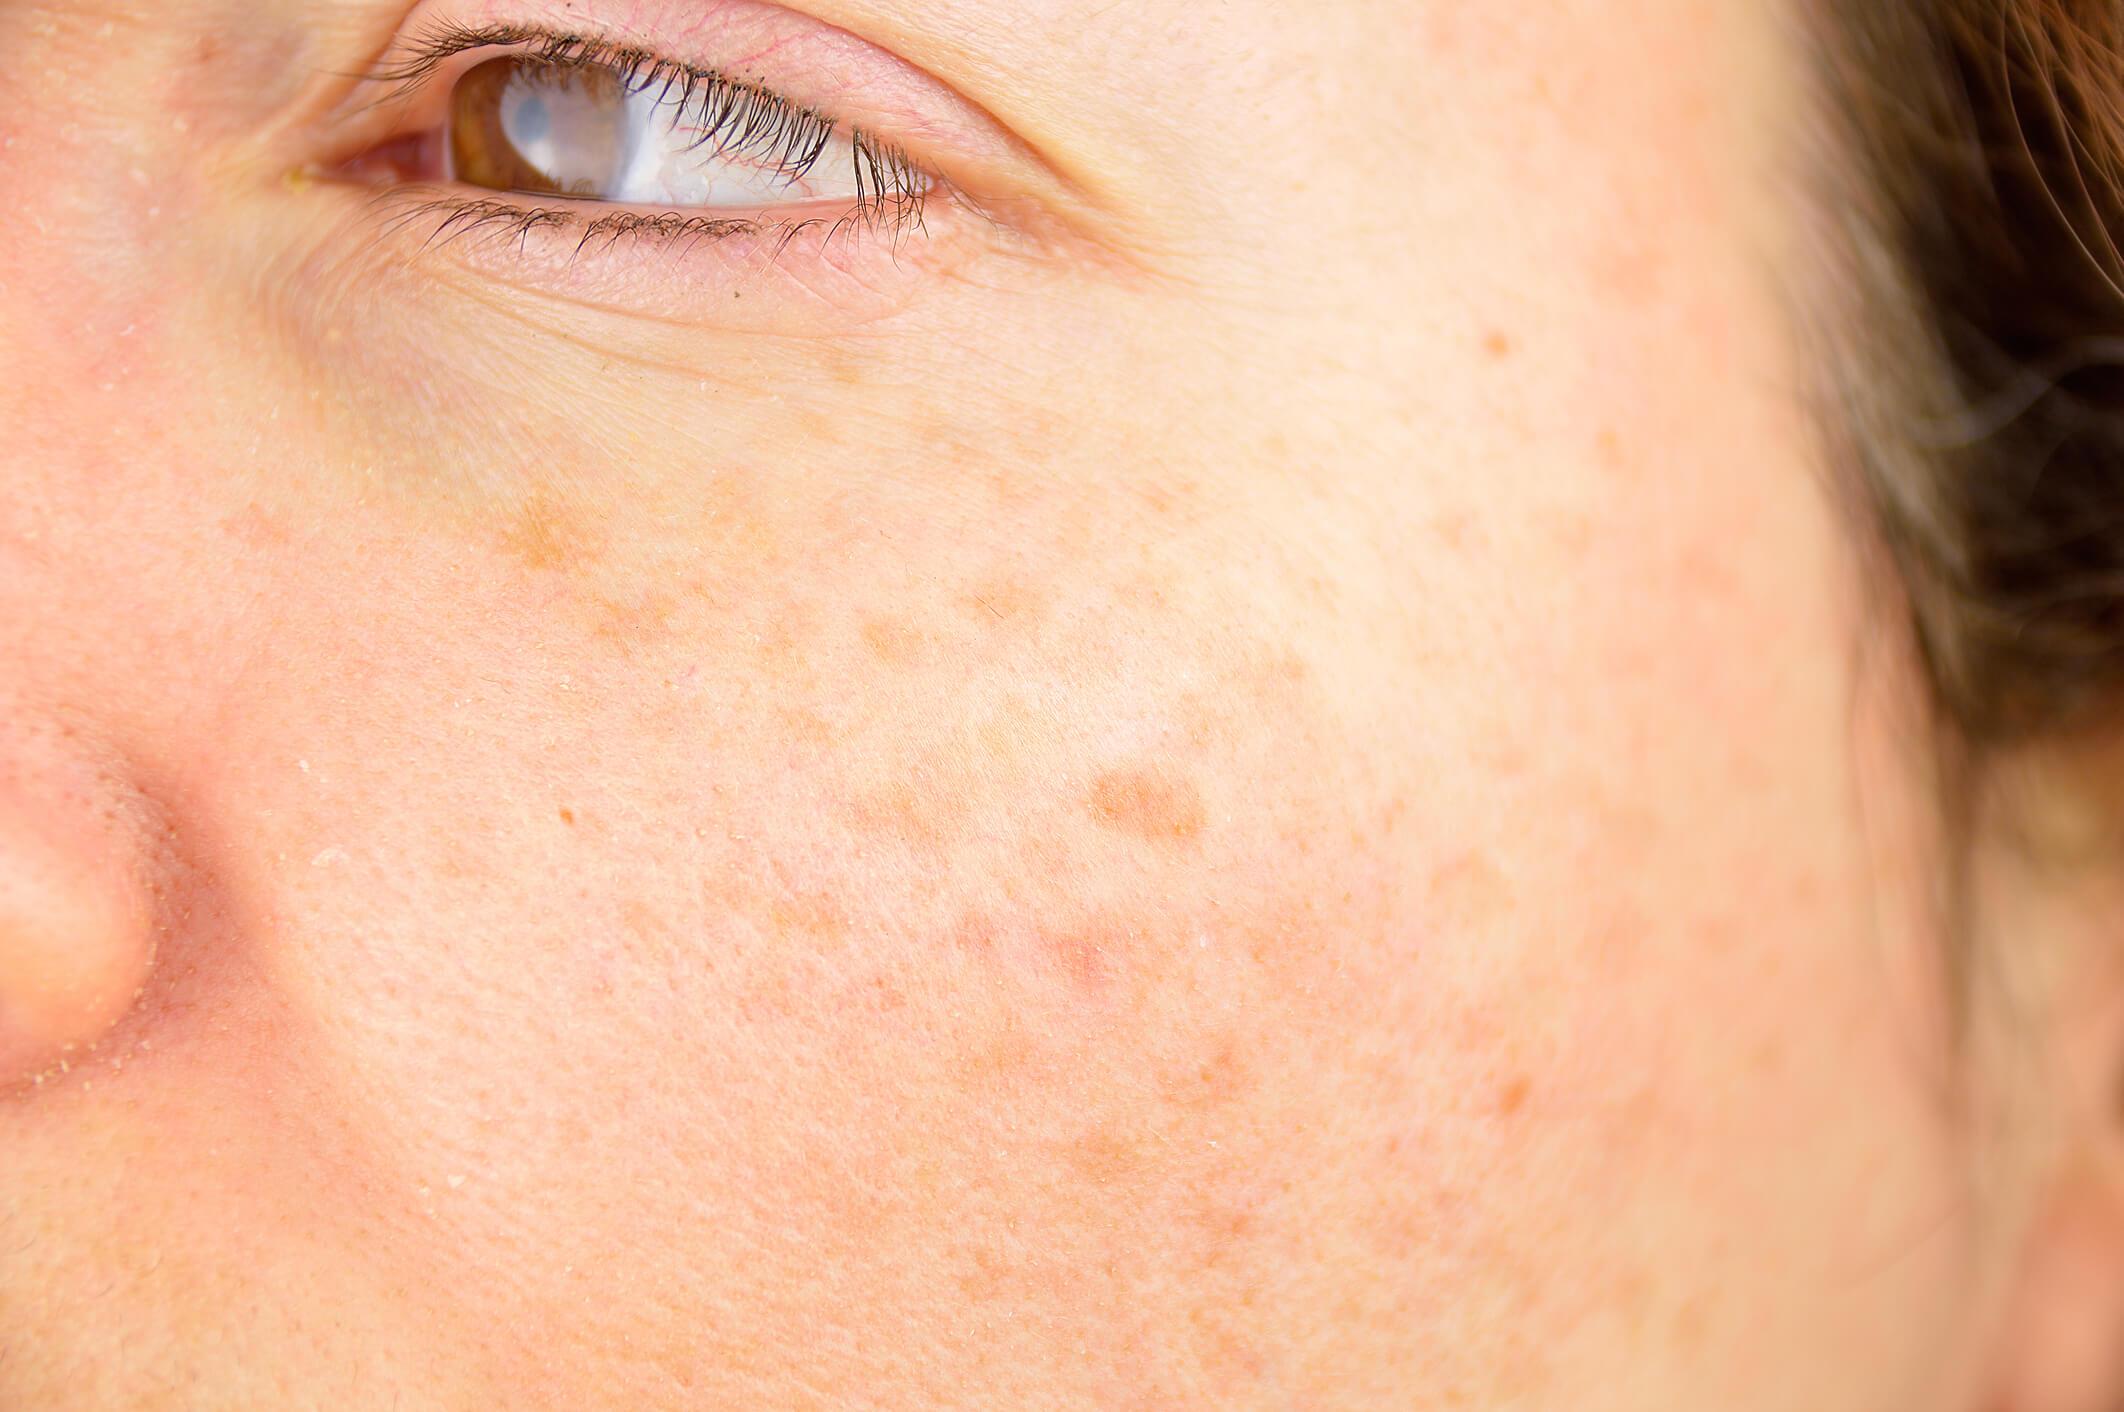 Manchas na pele: quais são as causas e como evitá-las